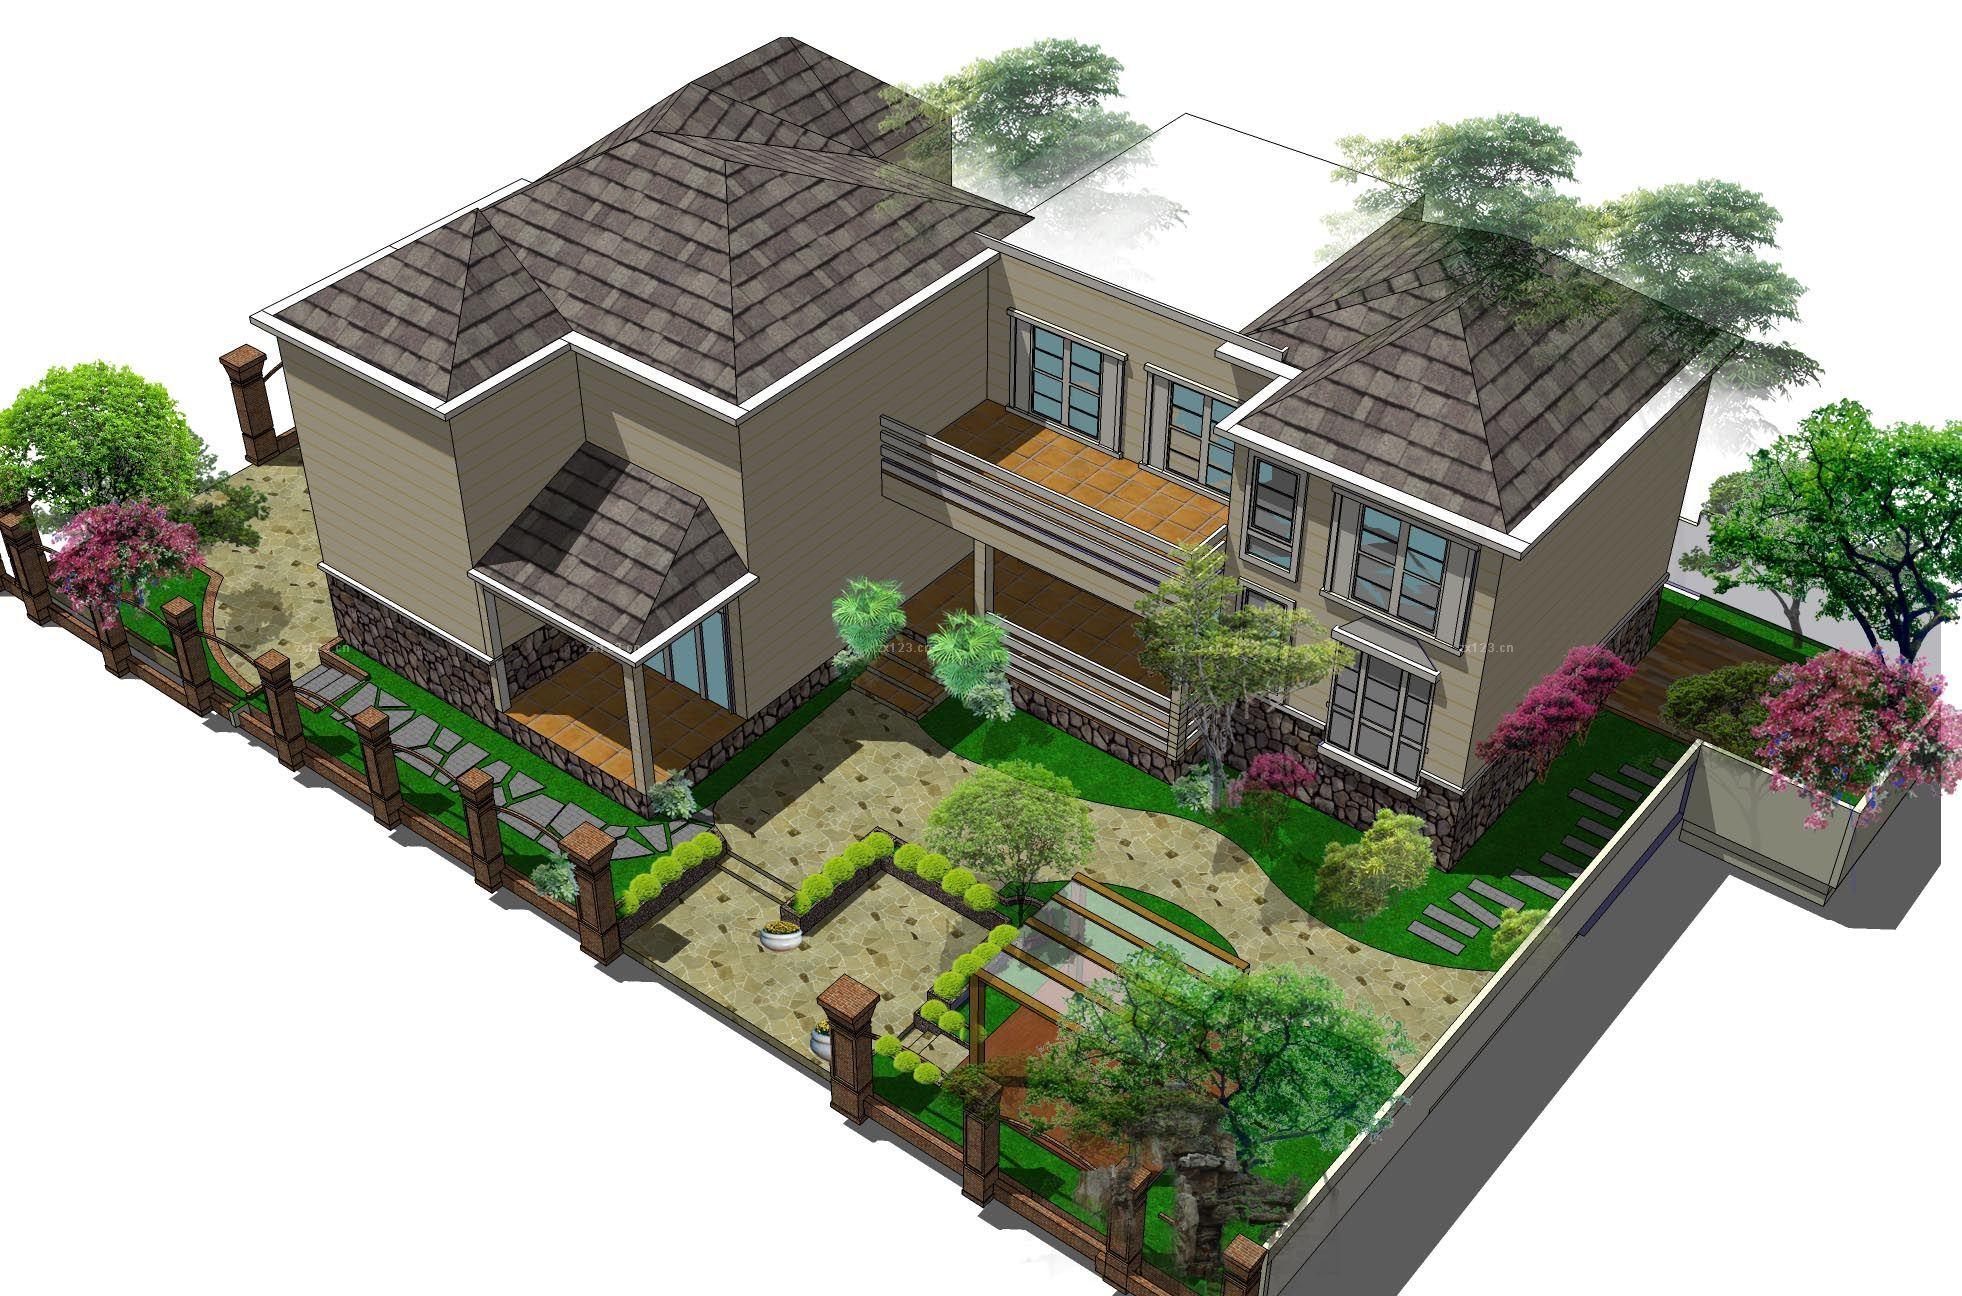 460平米欧式别墅风格别墅外观设计效果图广州公馆唐宁二层图片